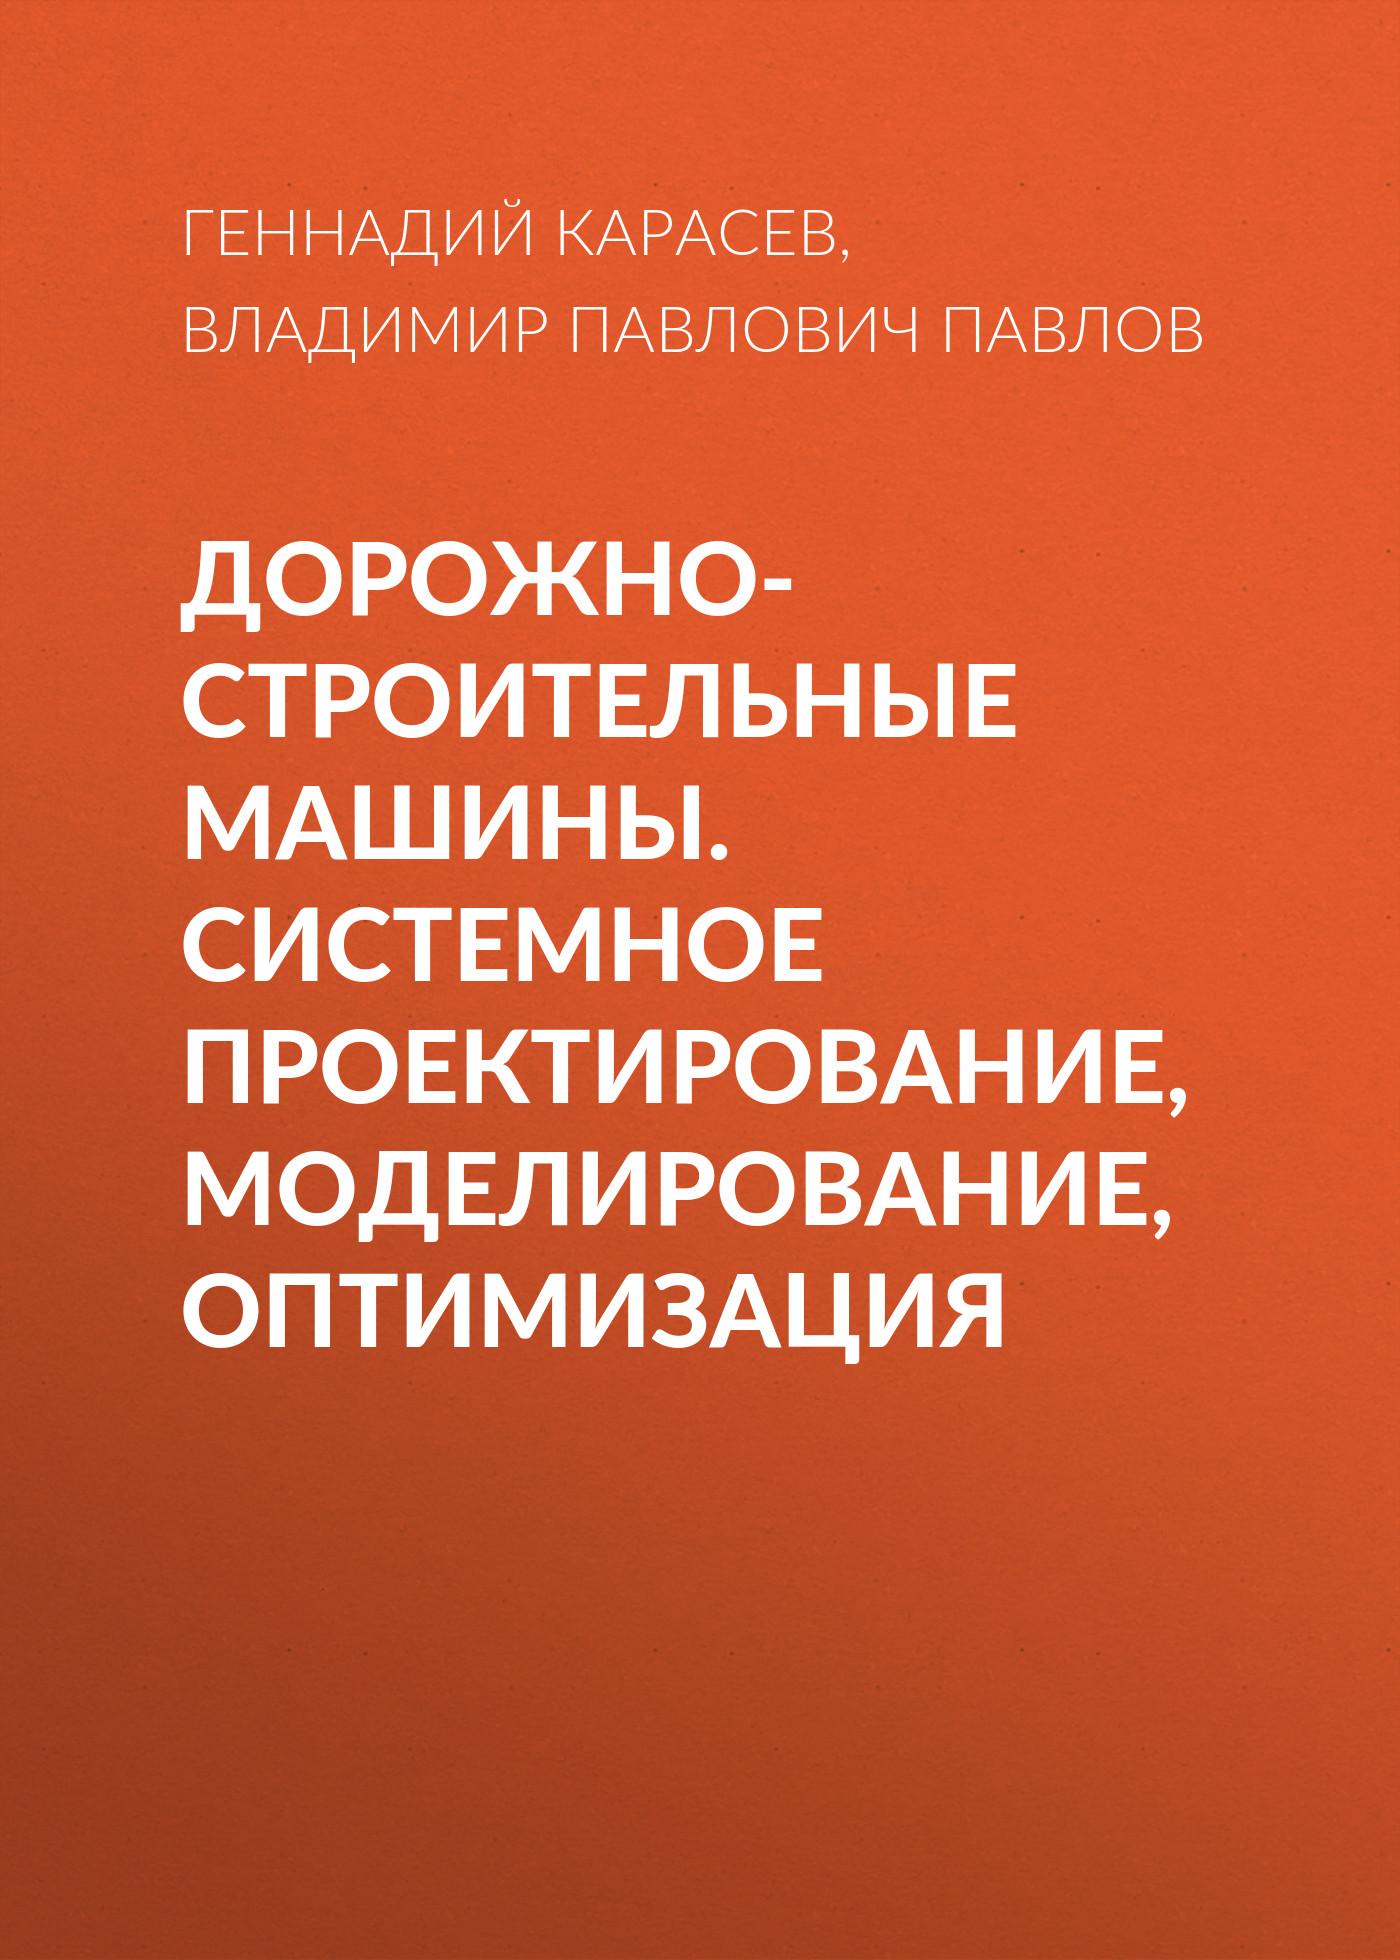 Геннадий Карасев Дорожно-строительные машины. Системное проектирование, моделирование, оптимизация